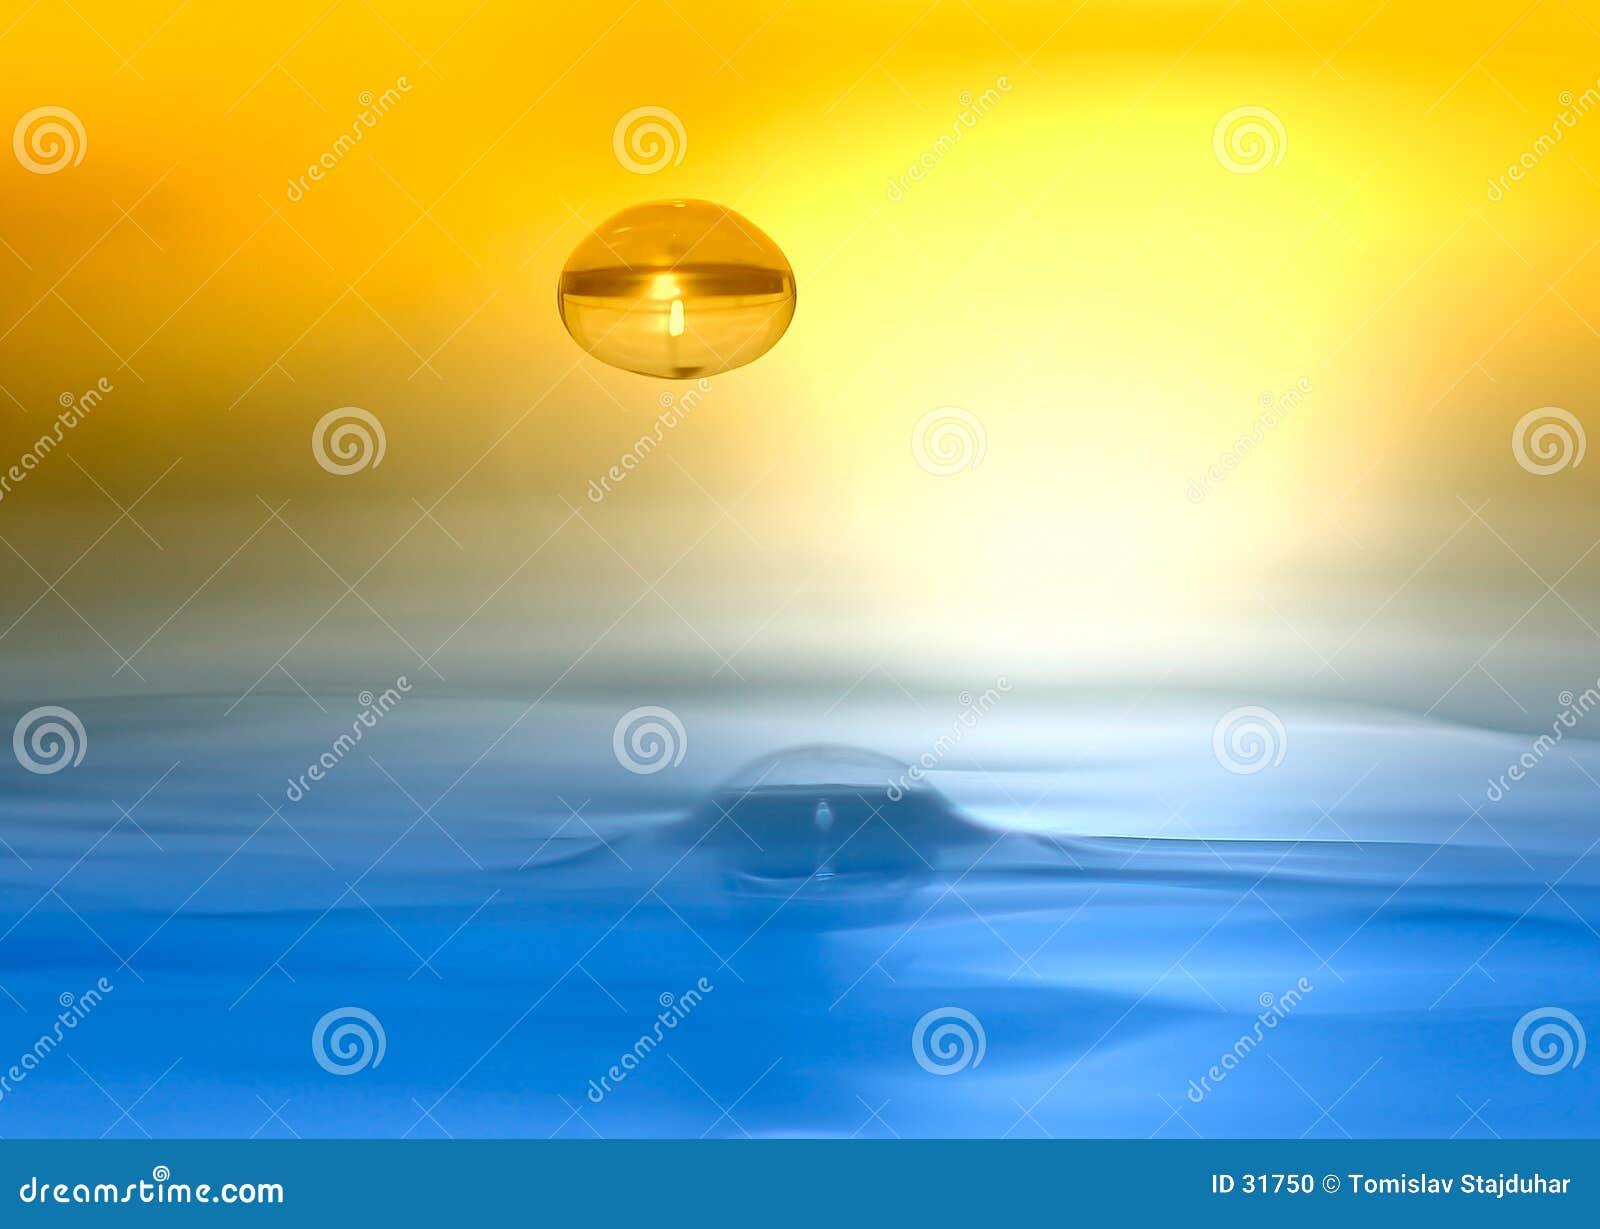 Kolorowa kroplę wody